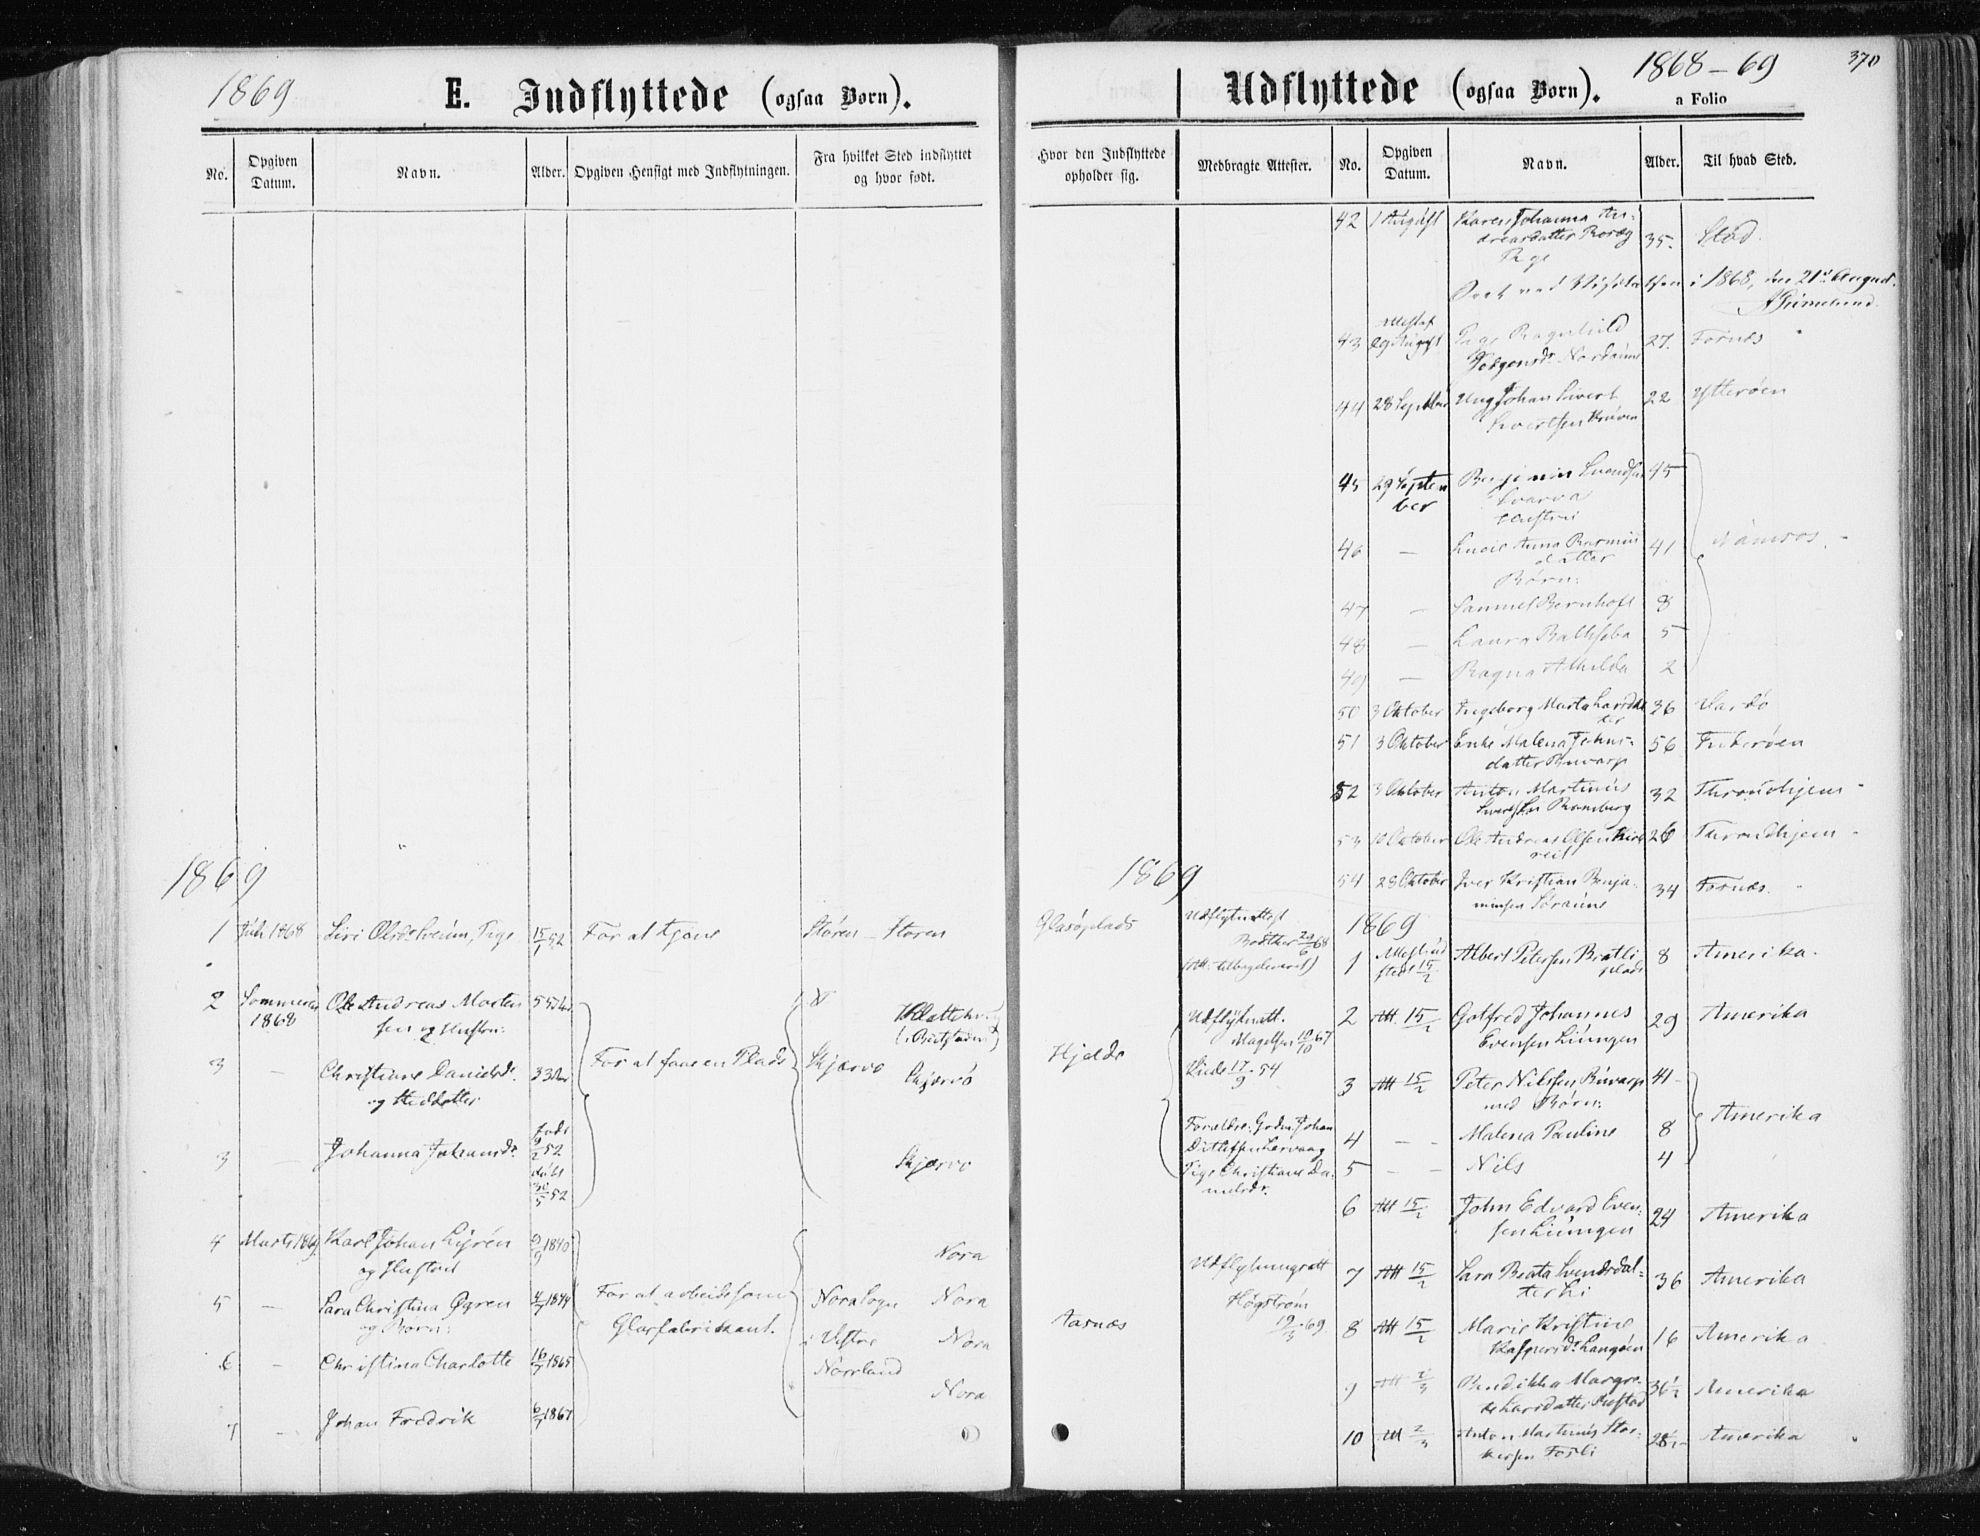 SAT, Ministerialprotokoller, klokkerbøker og fødselsregistre - Nord-Trøndelag, 741/L0394: Ministerialbok nr. 741A08, 1864-1877, s. 370